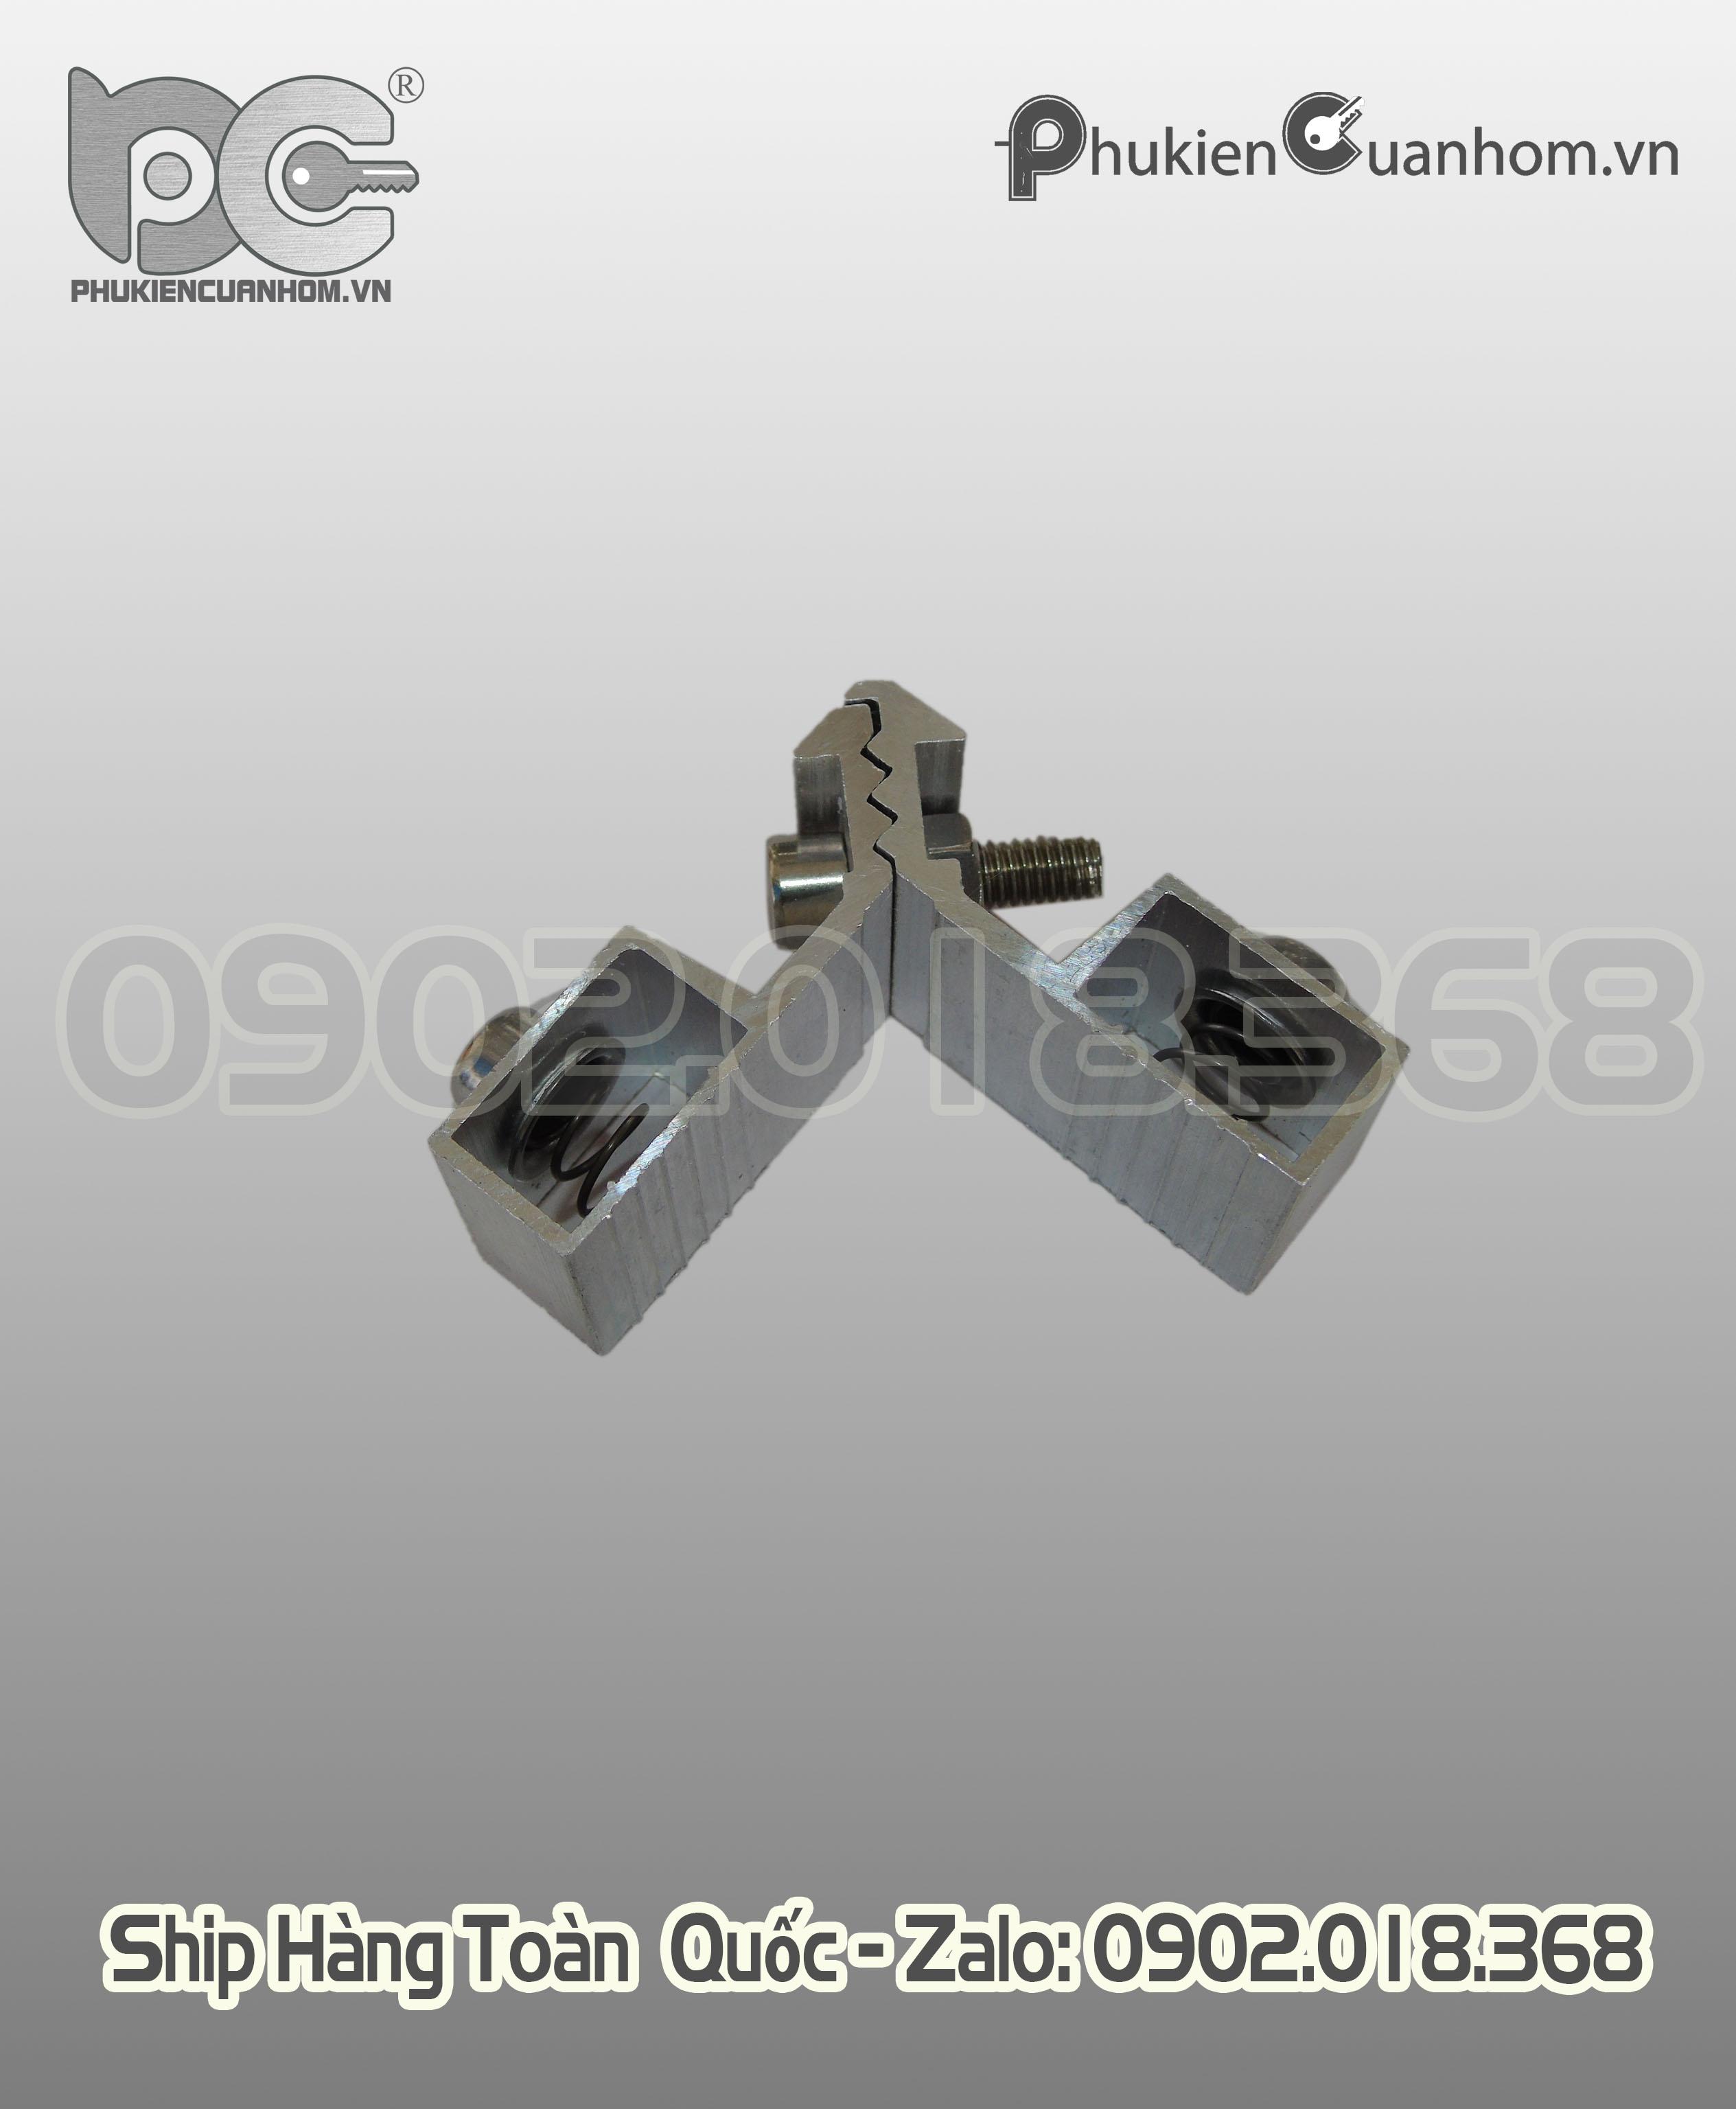 Ke nhảy cánh cửa sổ lùa hệ 55 KN-D20526-M 14x25mm